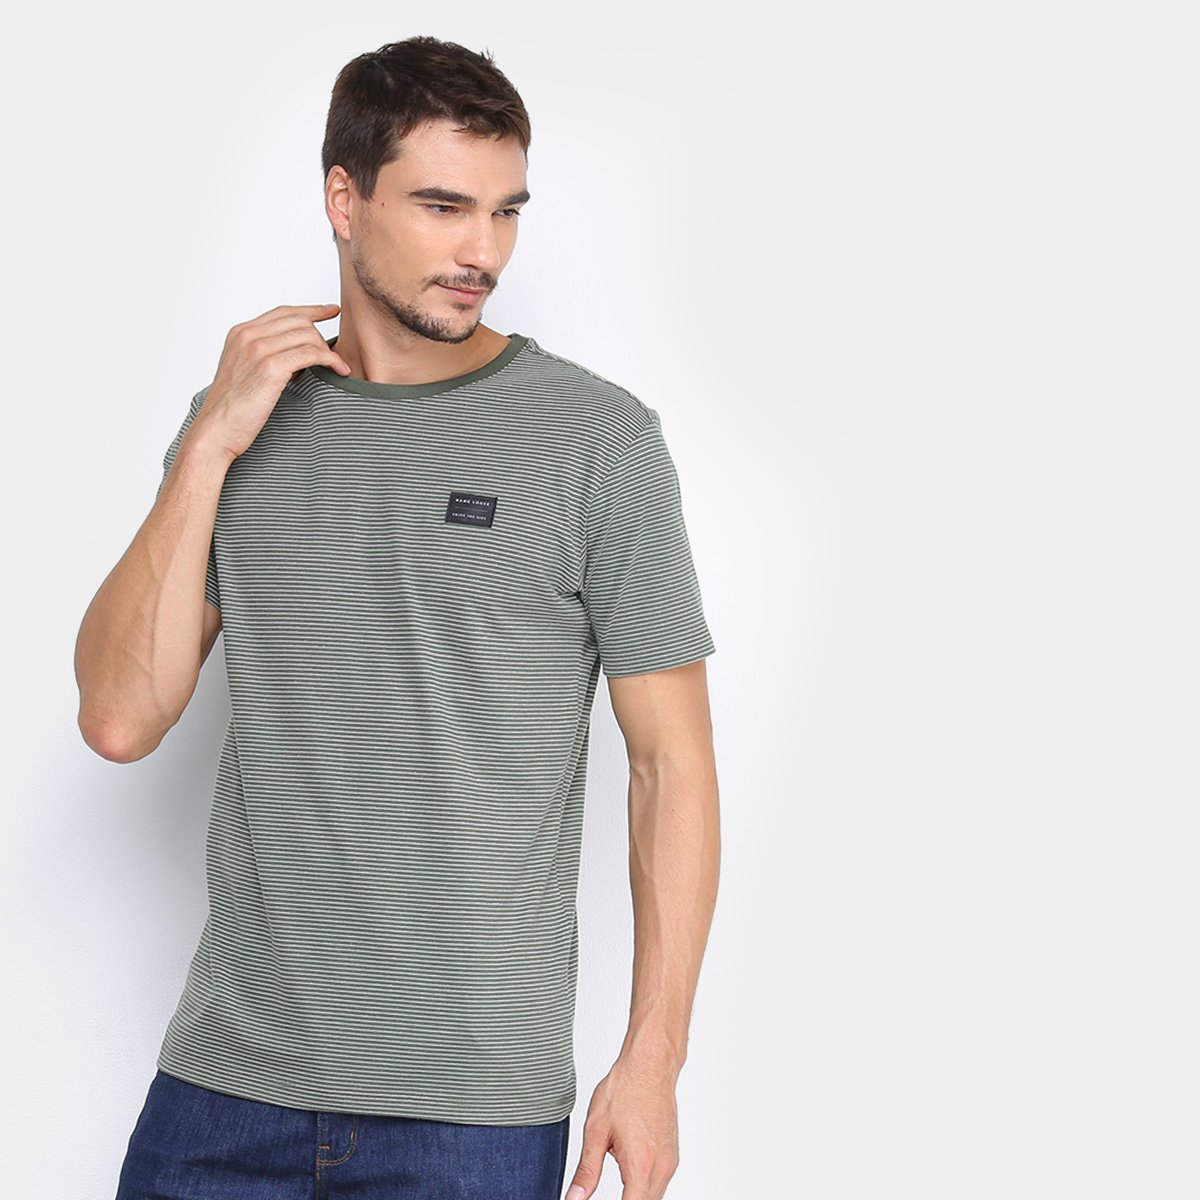 Triumph Femmes Maillot Corps Be Pure Shirt 02 nouveau